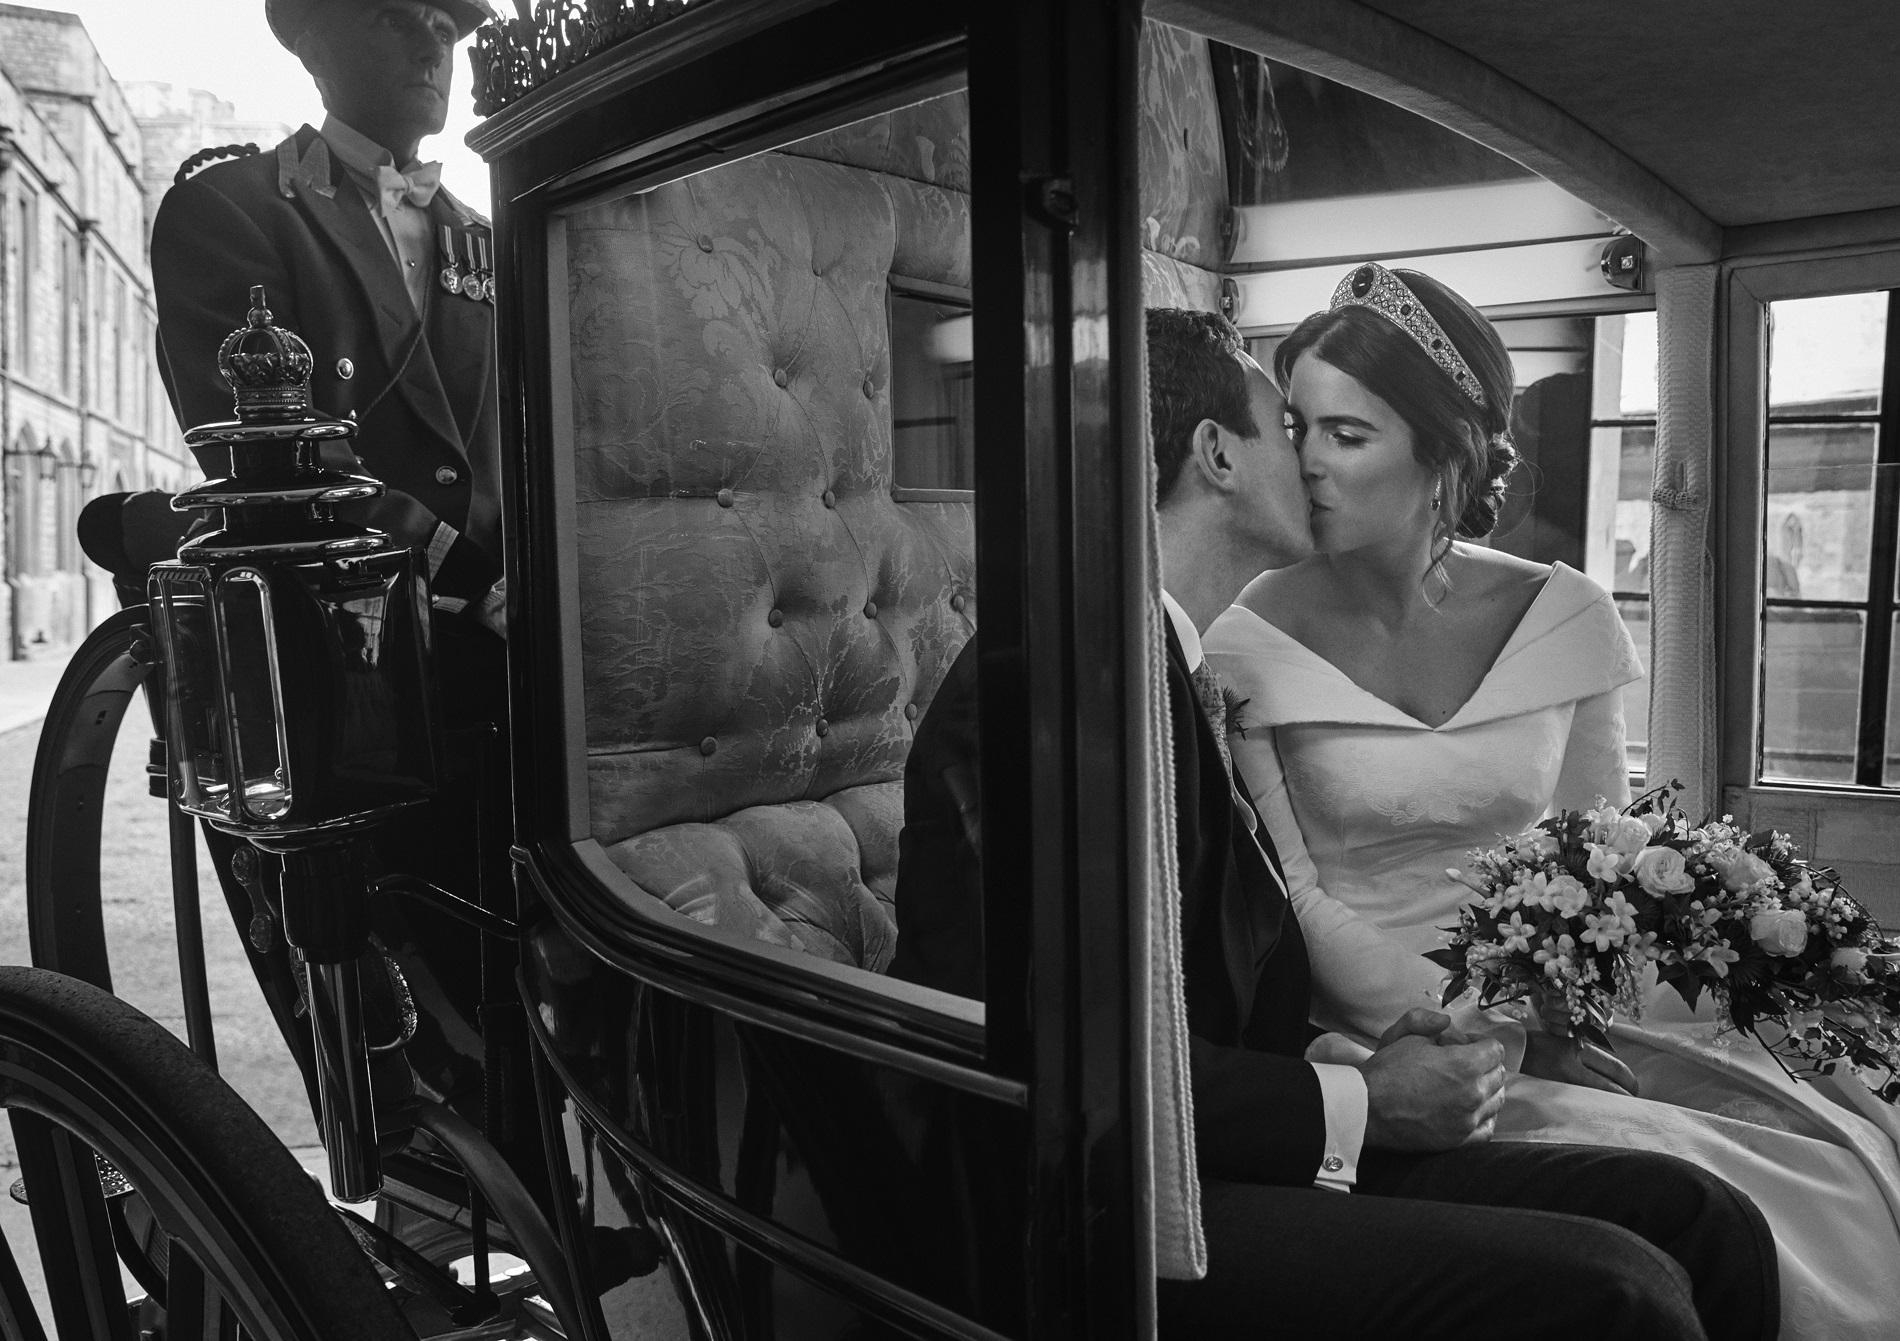 Les époux, intimes dans le carrosse